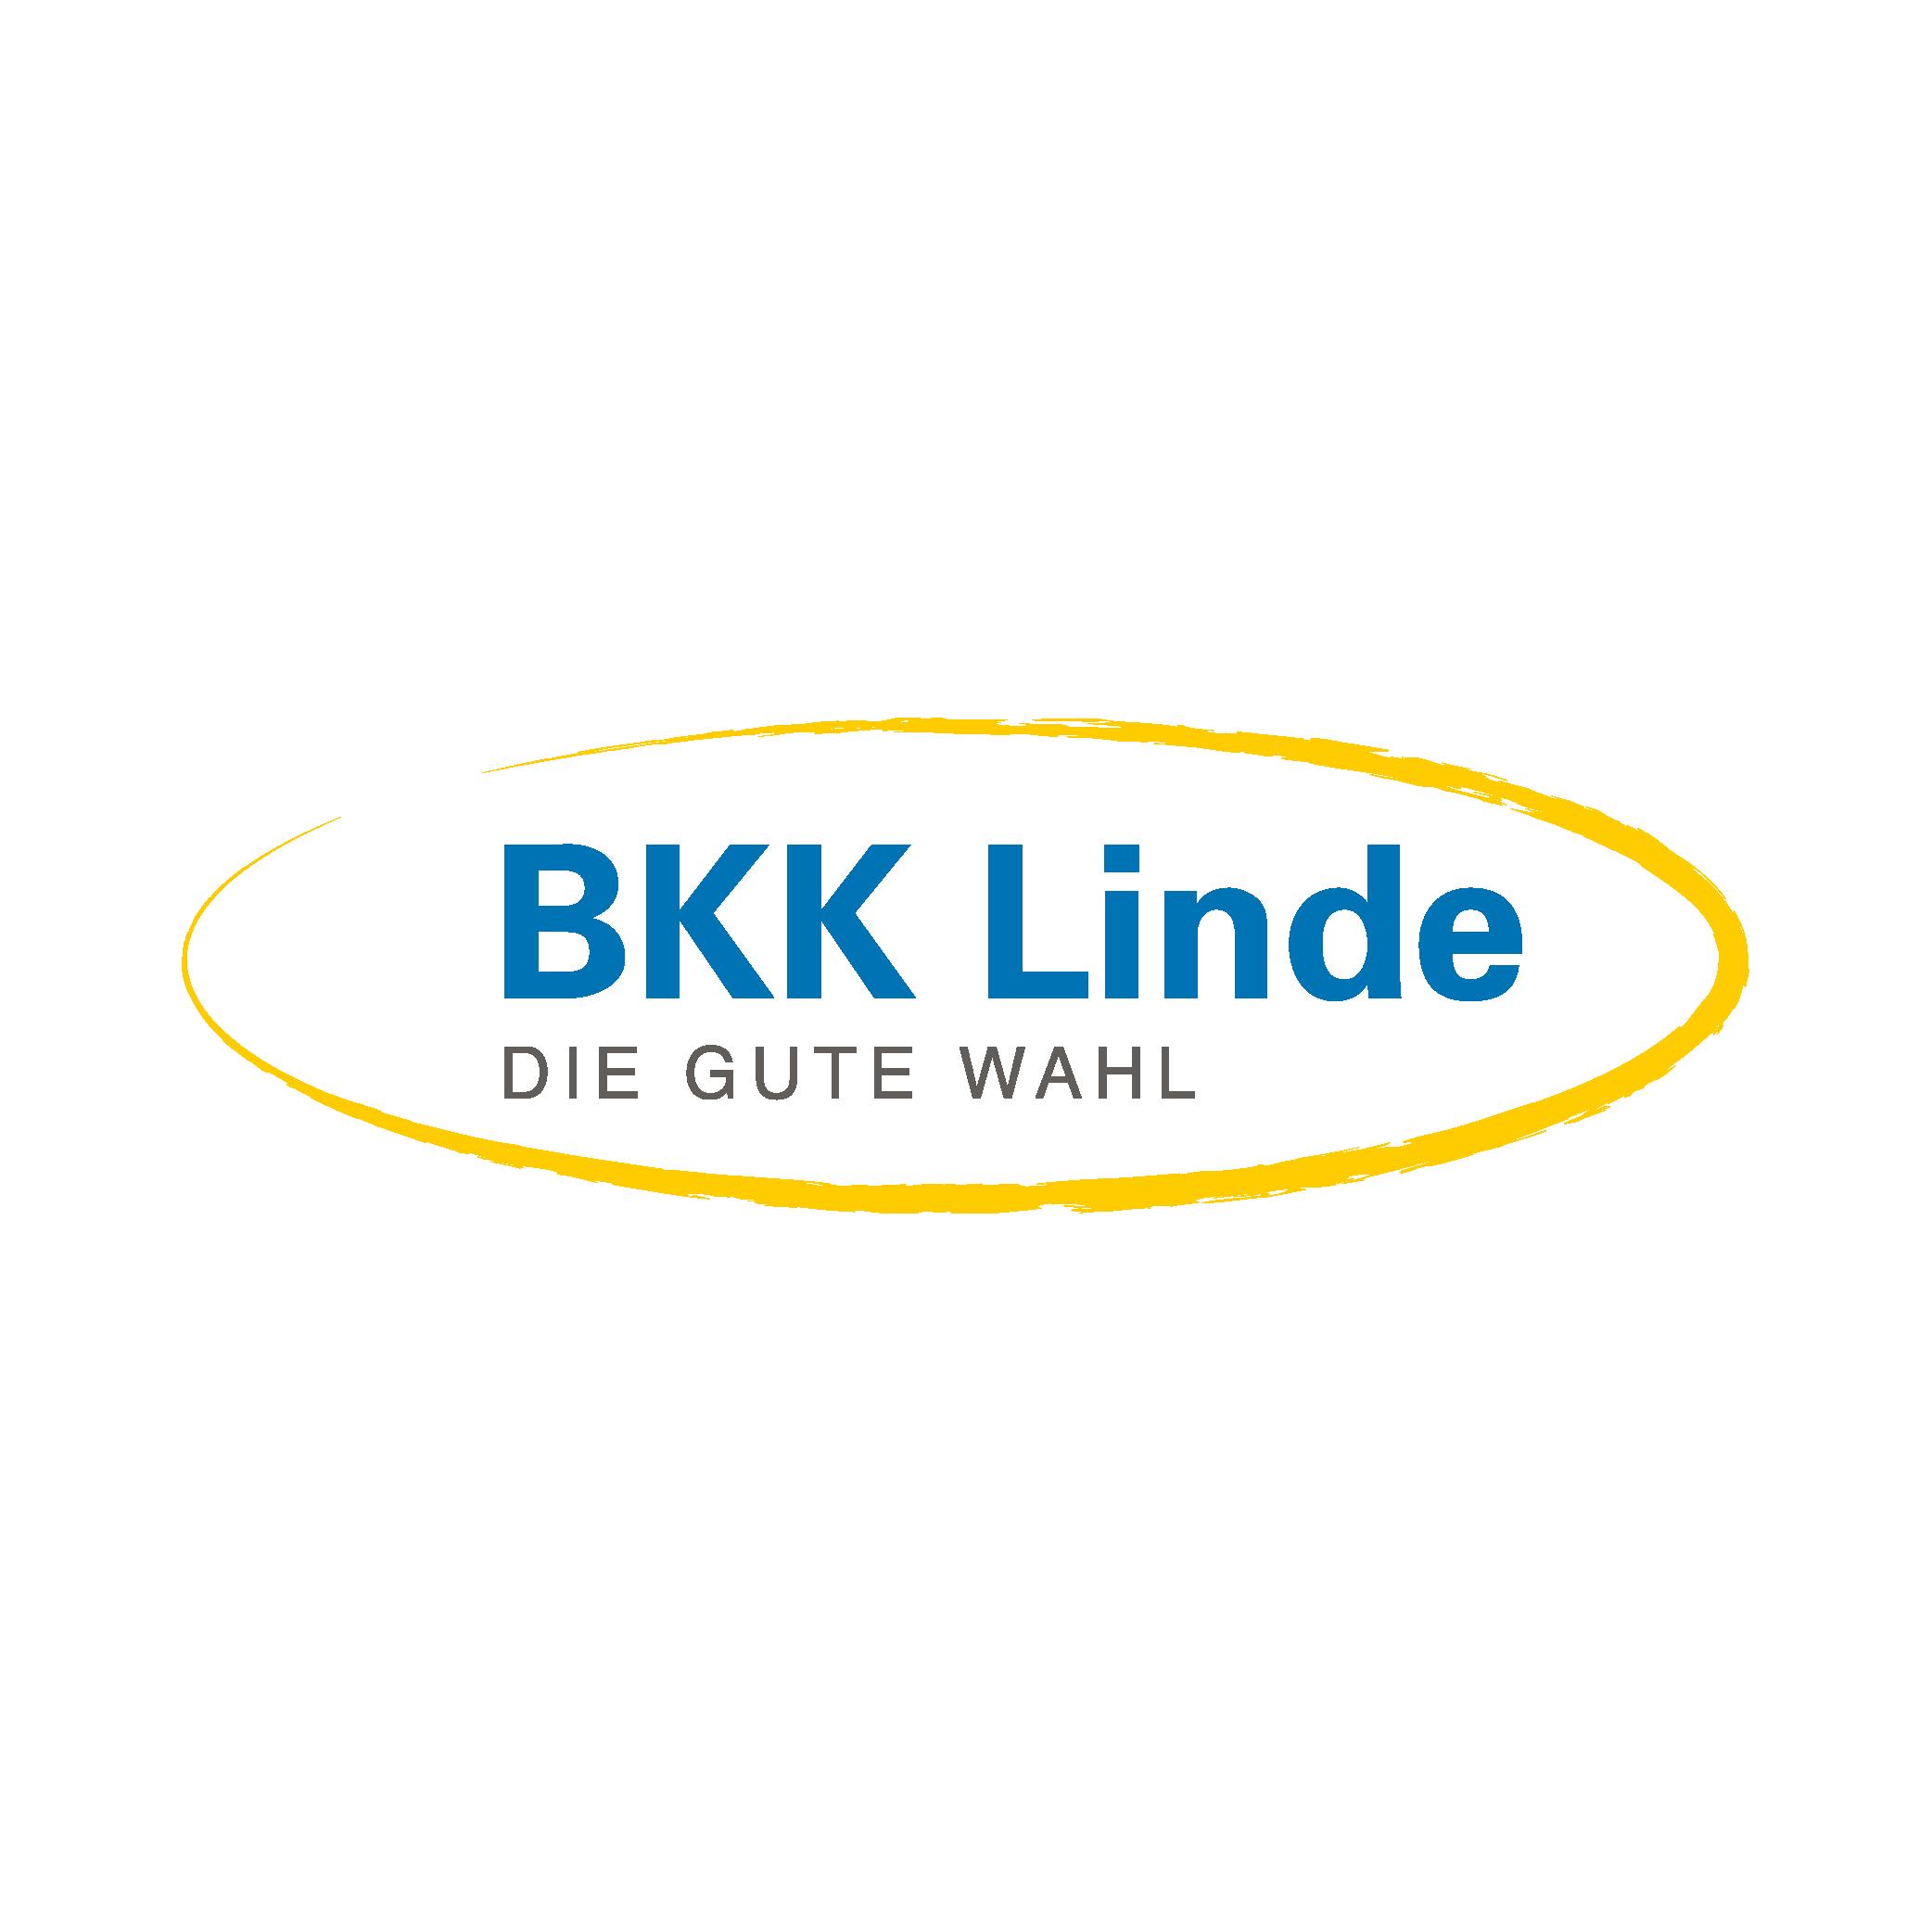 Markenzeichen der BKK Linde